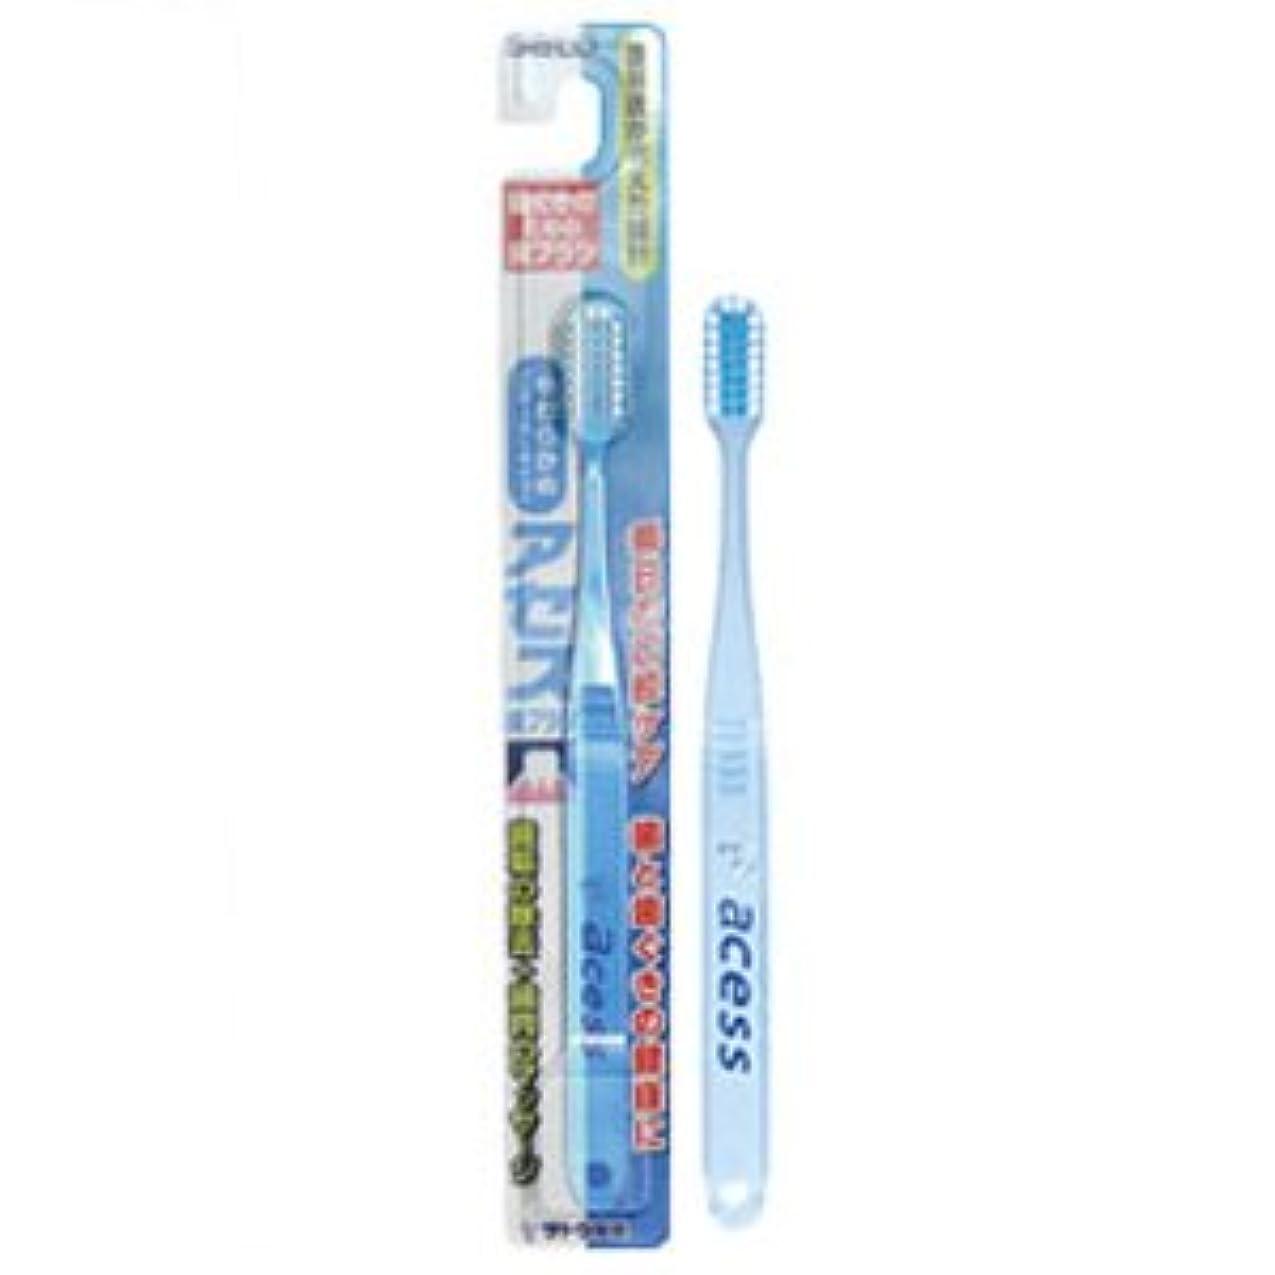 検索エンジンマーケティング概念自伝アセス歯ブラシ やわらかめ(レギュラータイプ) ブルー 12本